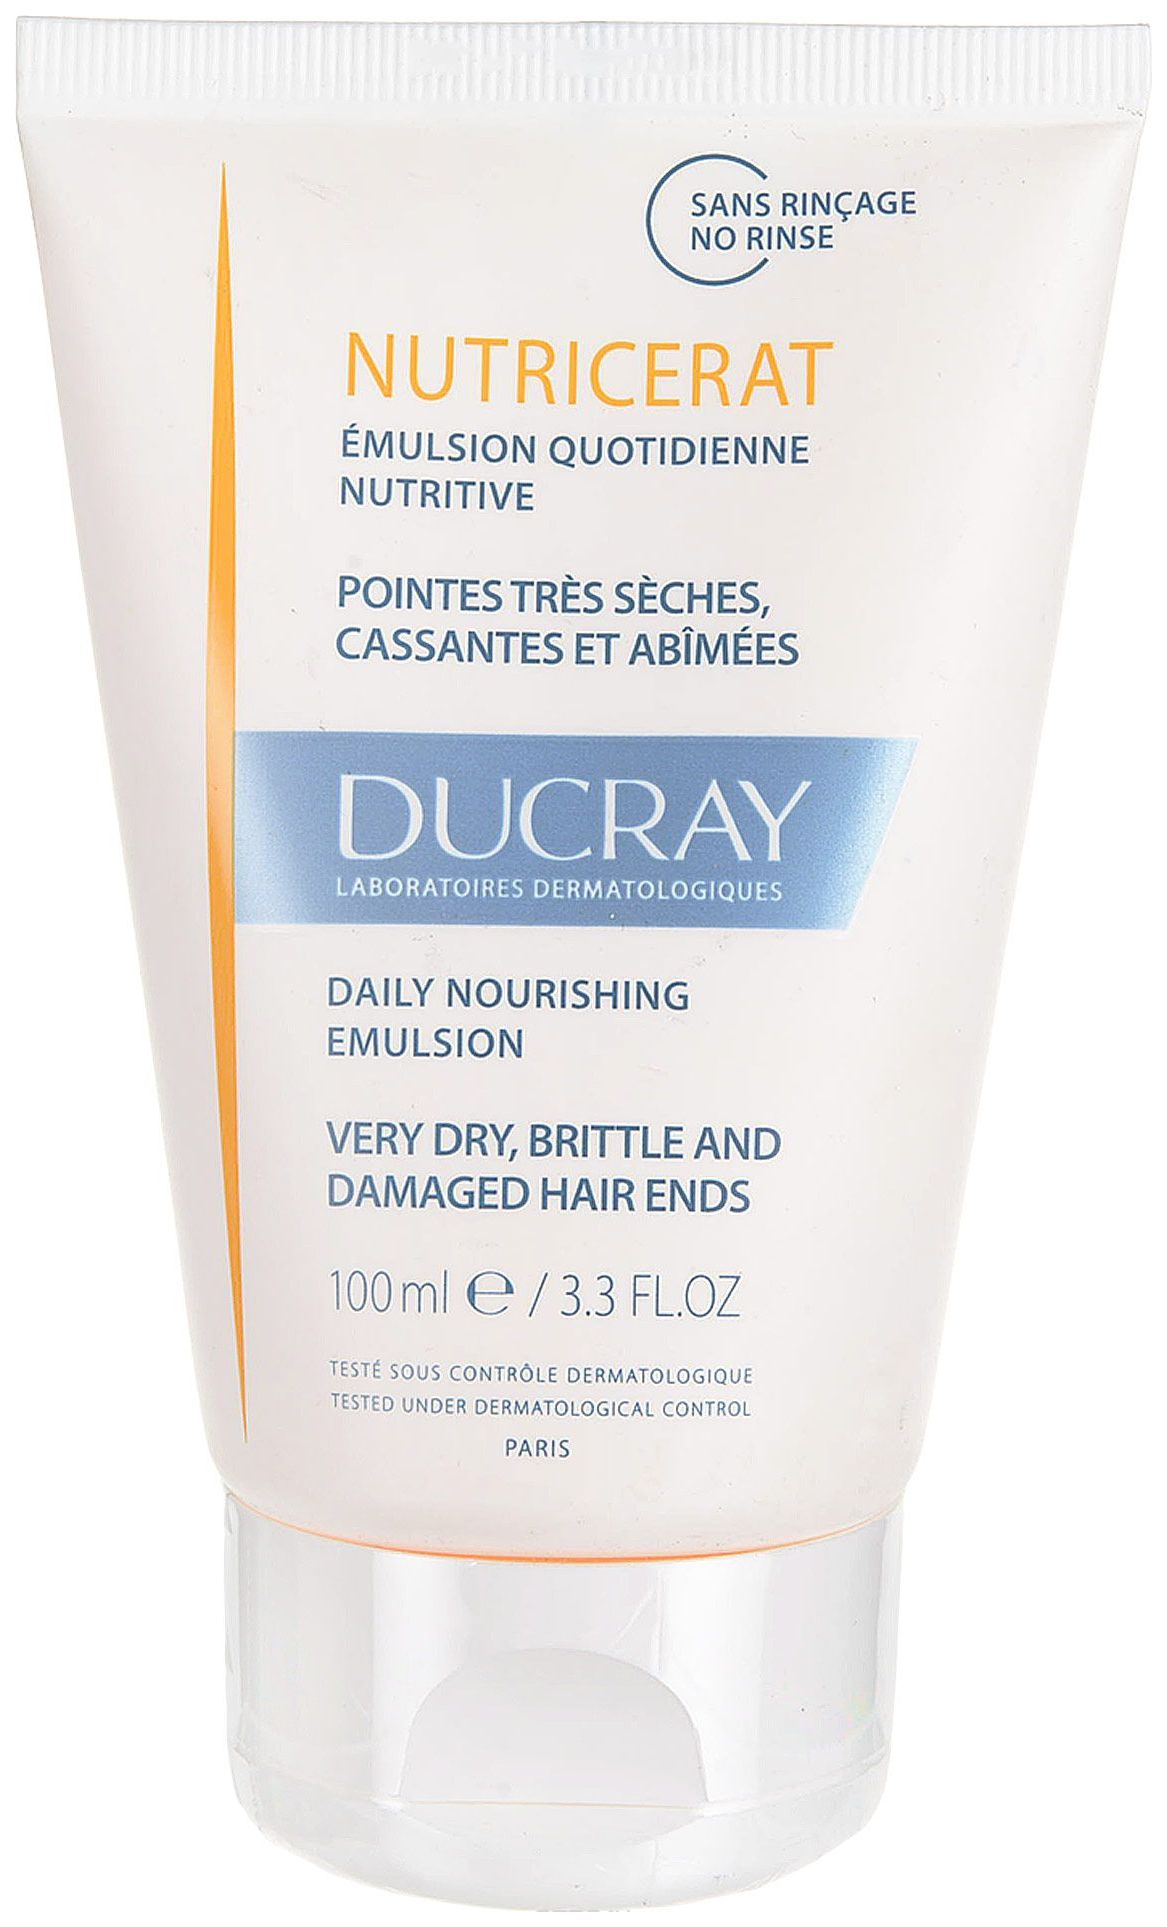 Сыворотка для волос Ducray Nutricerat Emulsion Сверхпитательная 100 мл